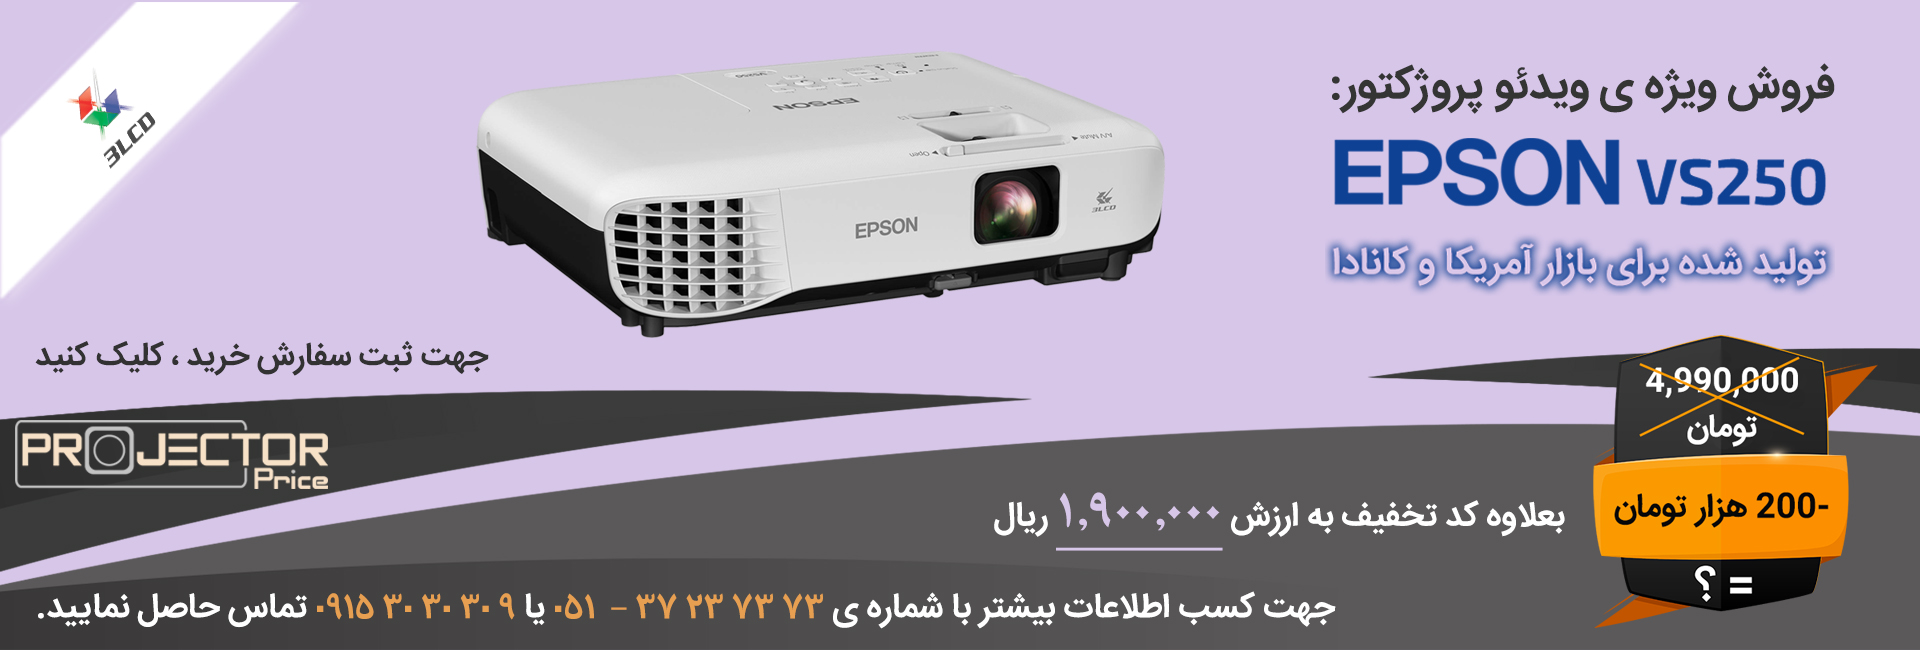 EPSON VS250